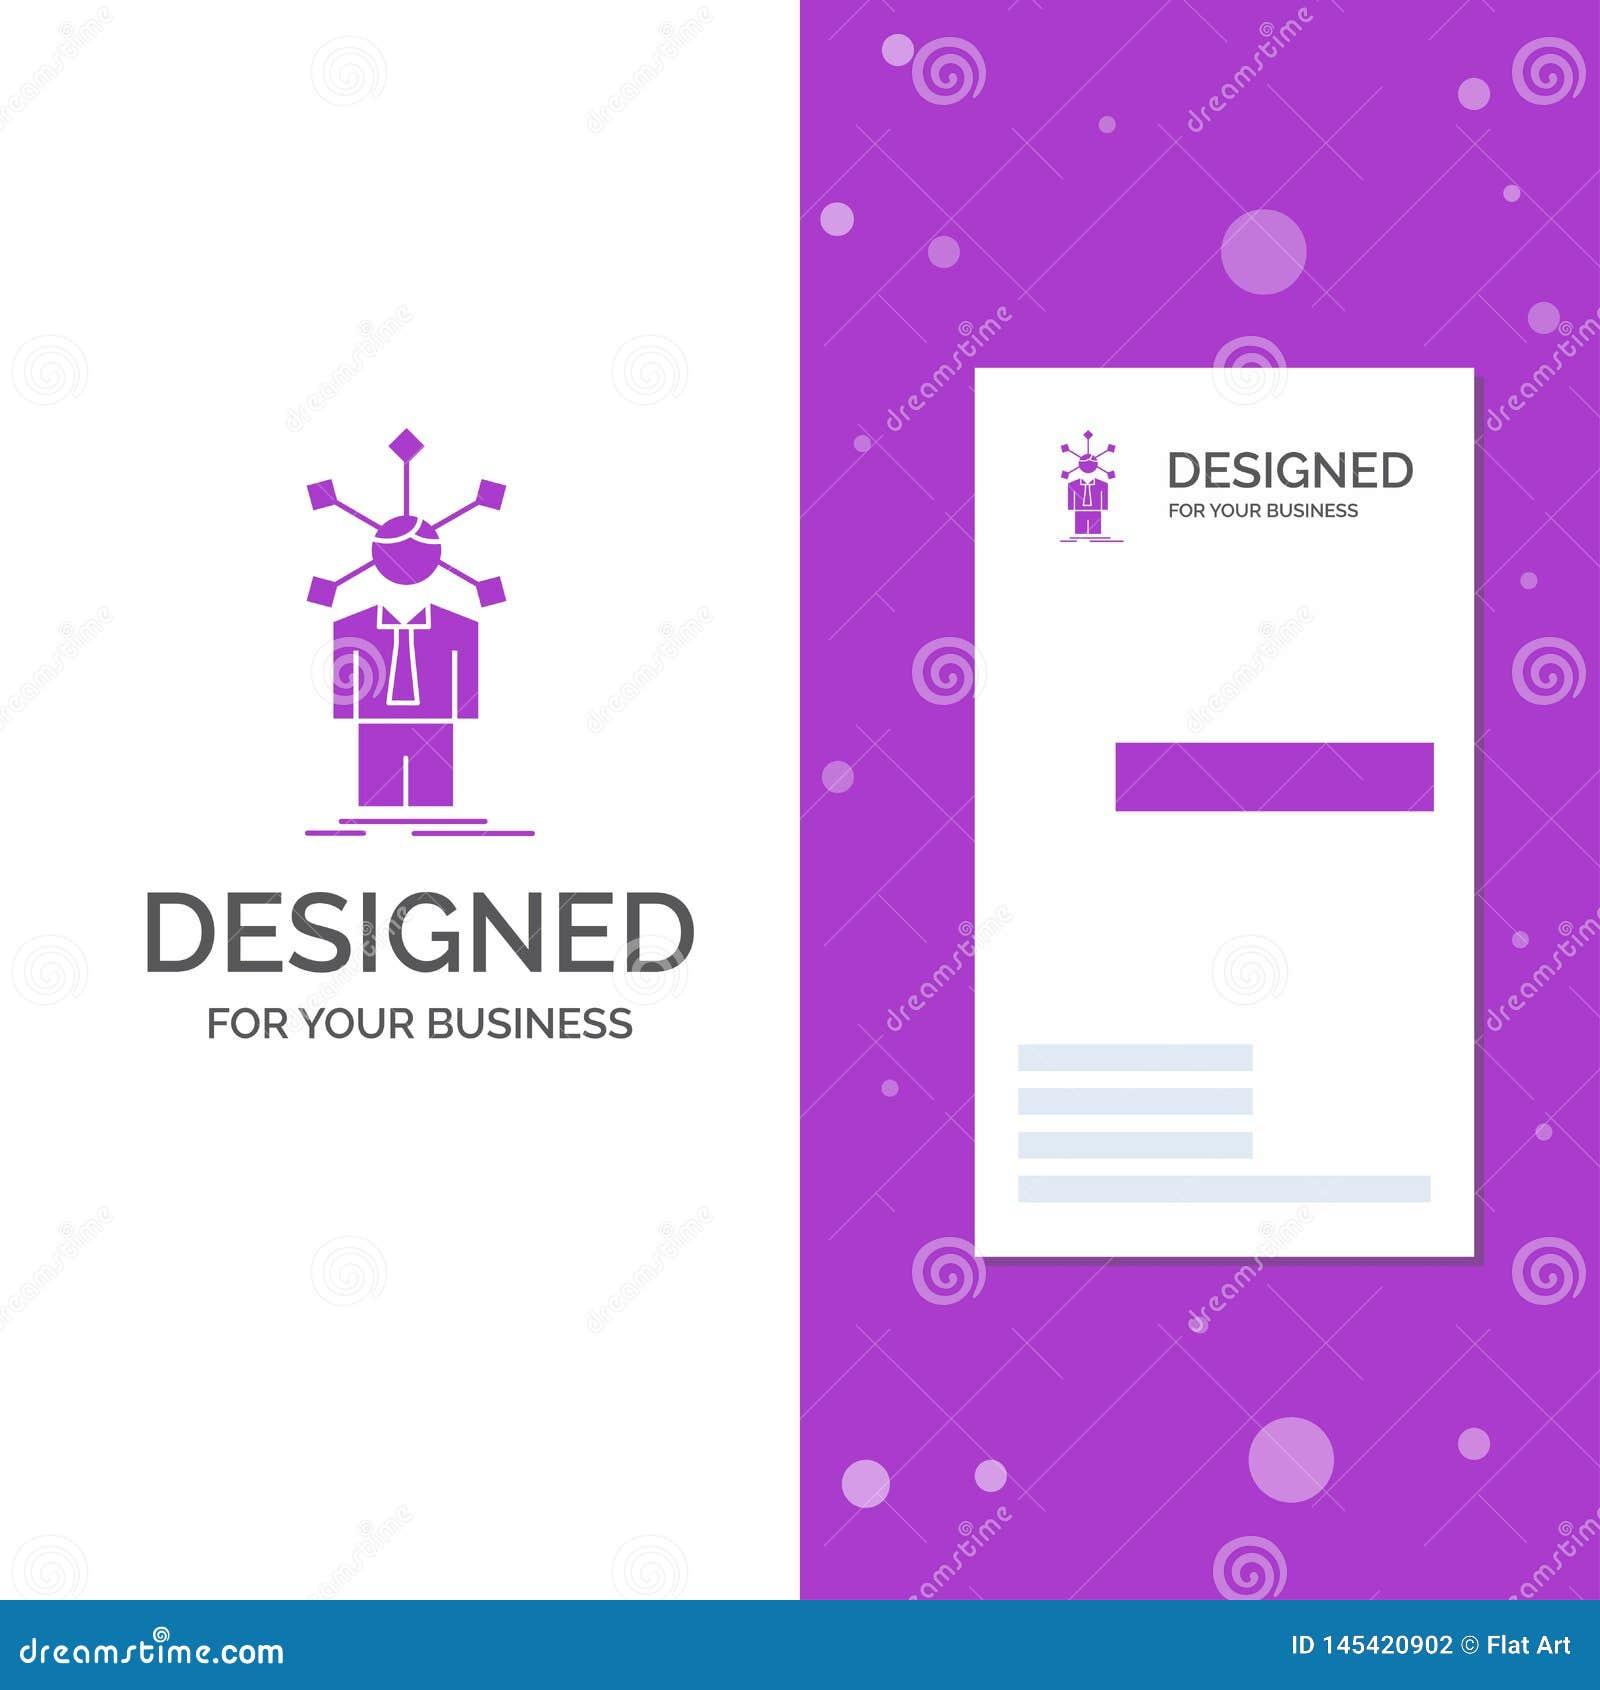 Bedrijfsembleem voor ontwikkeling, mens, netwerk, persoonlijkheid, zelf Verticaal Purper Bedrijfs/Visitekaartjemalplaatje creatie